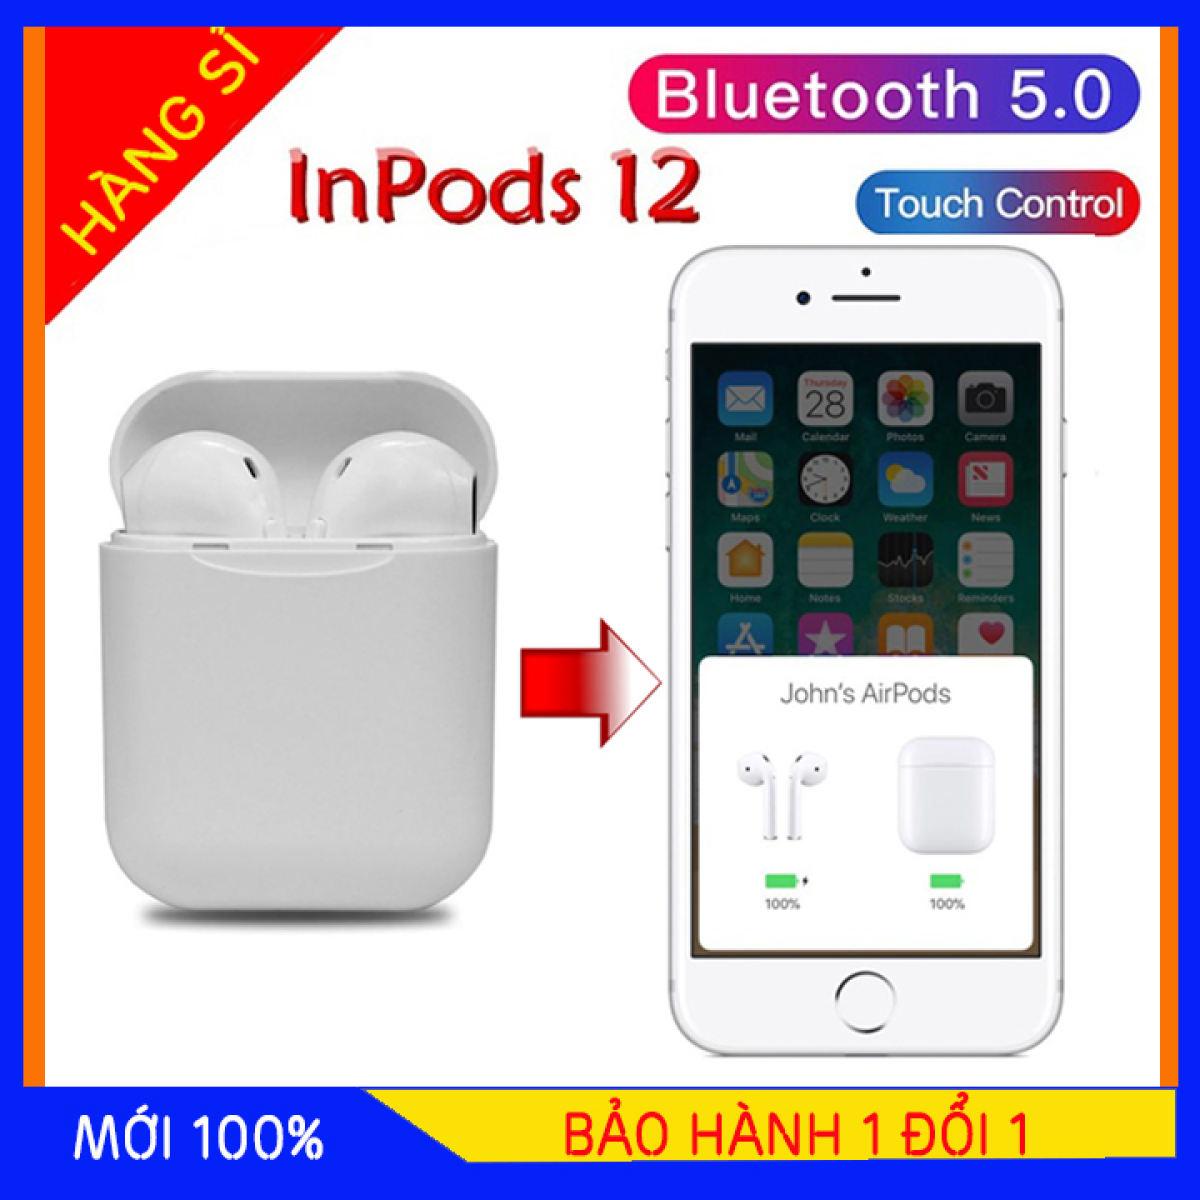 Tai Nghe Bluetooth Không Dây i11 Bản Plus Âm Thanh v5.0 Nút Cảm Ứng, Tai Nghe Không Dây, Tai Nghe Bluetooth Hỗ Trợ Mọi Điện Thoại Cảm Ứng, Tai nghe cho samsung/android/iphone/ipad/oppo